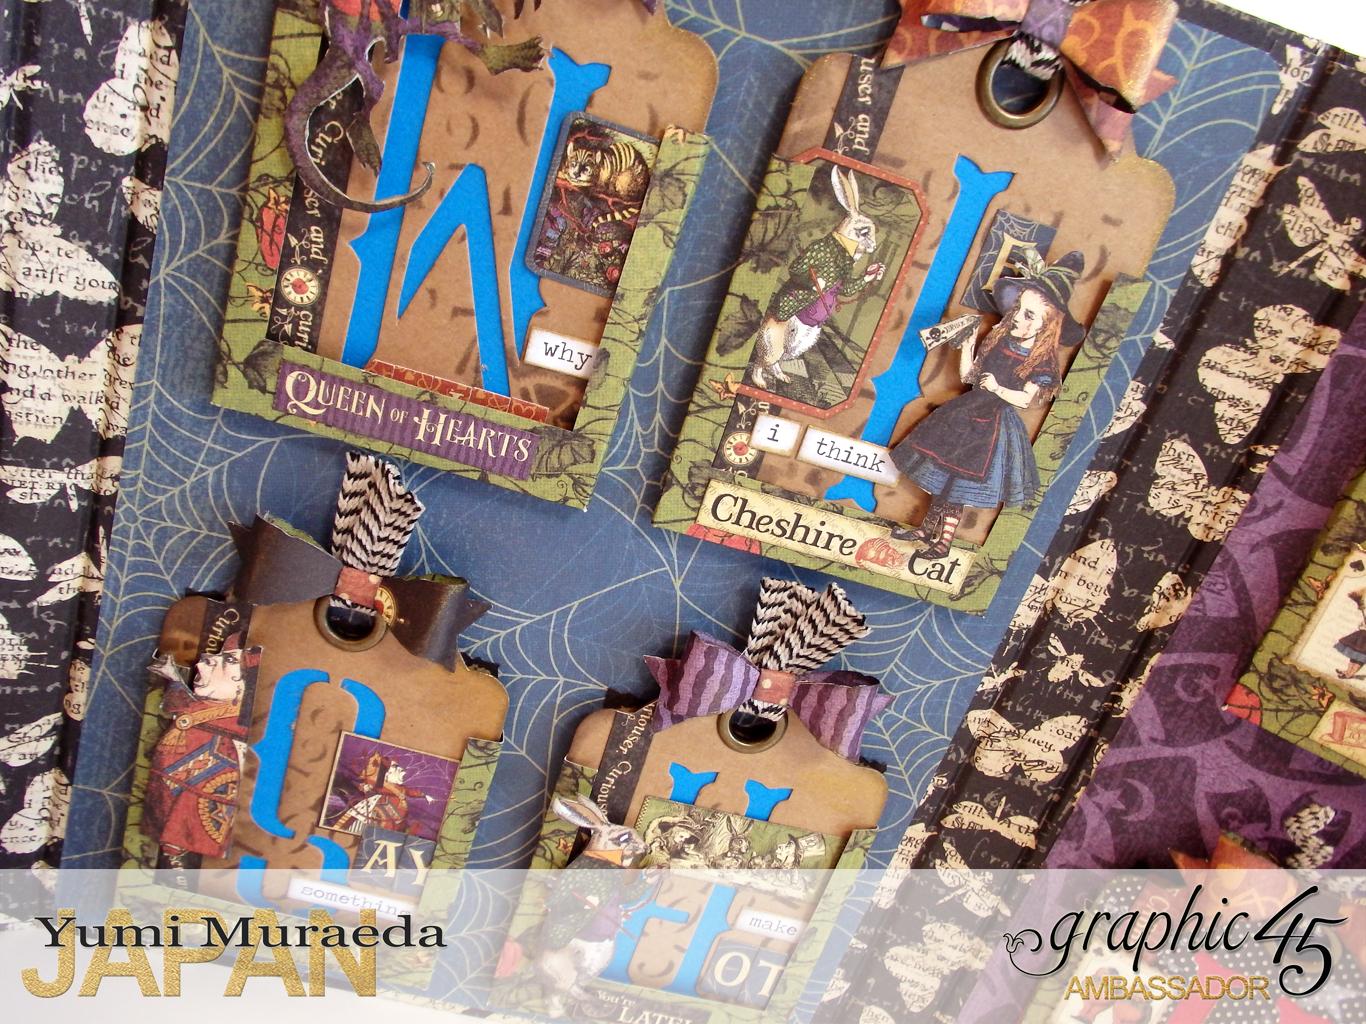 16ATCWonderlandHallowe'enin Wonderland by Yumi MuraeadaProduct by Graphic 45